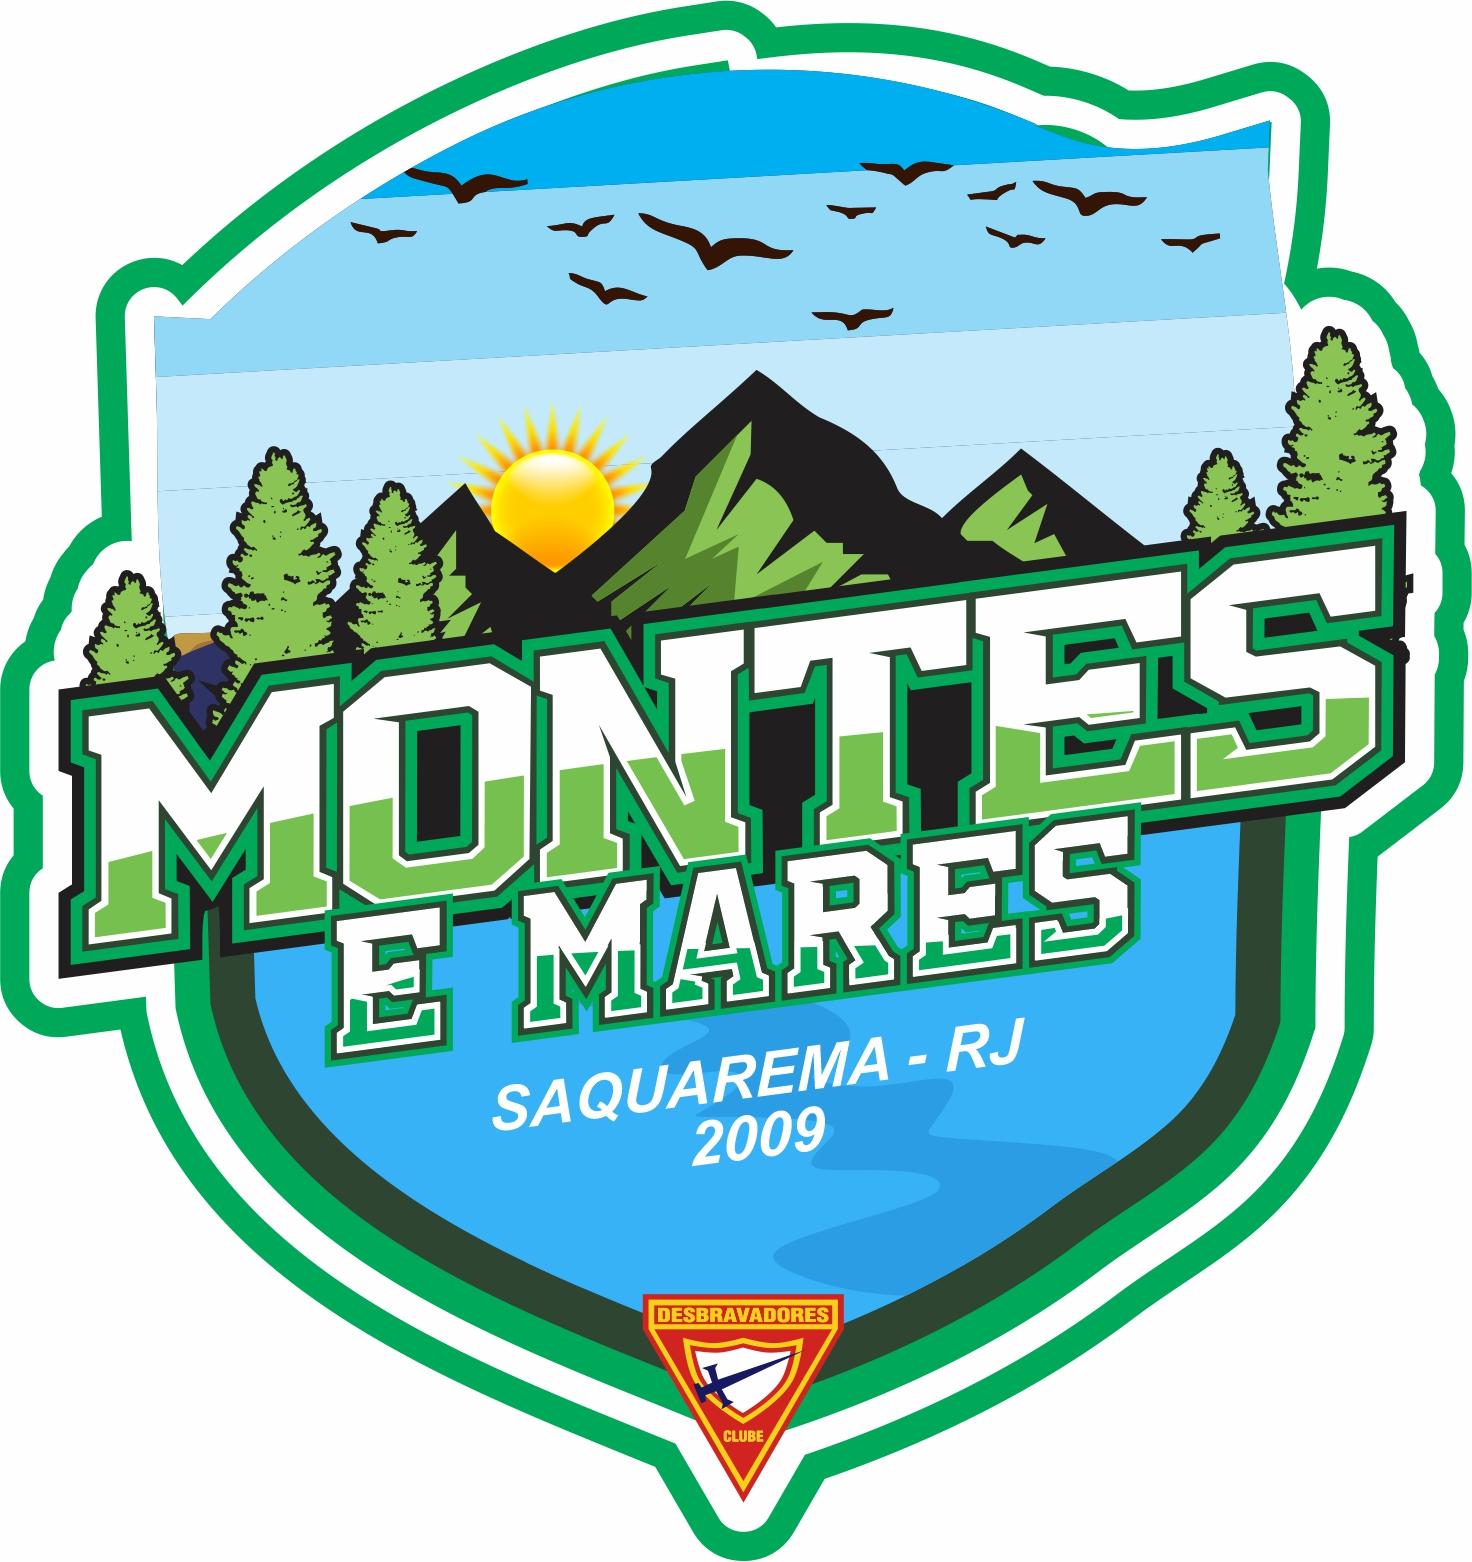 Montes e Mares